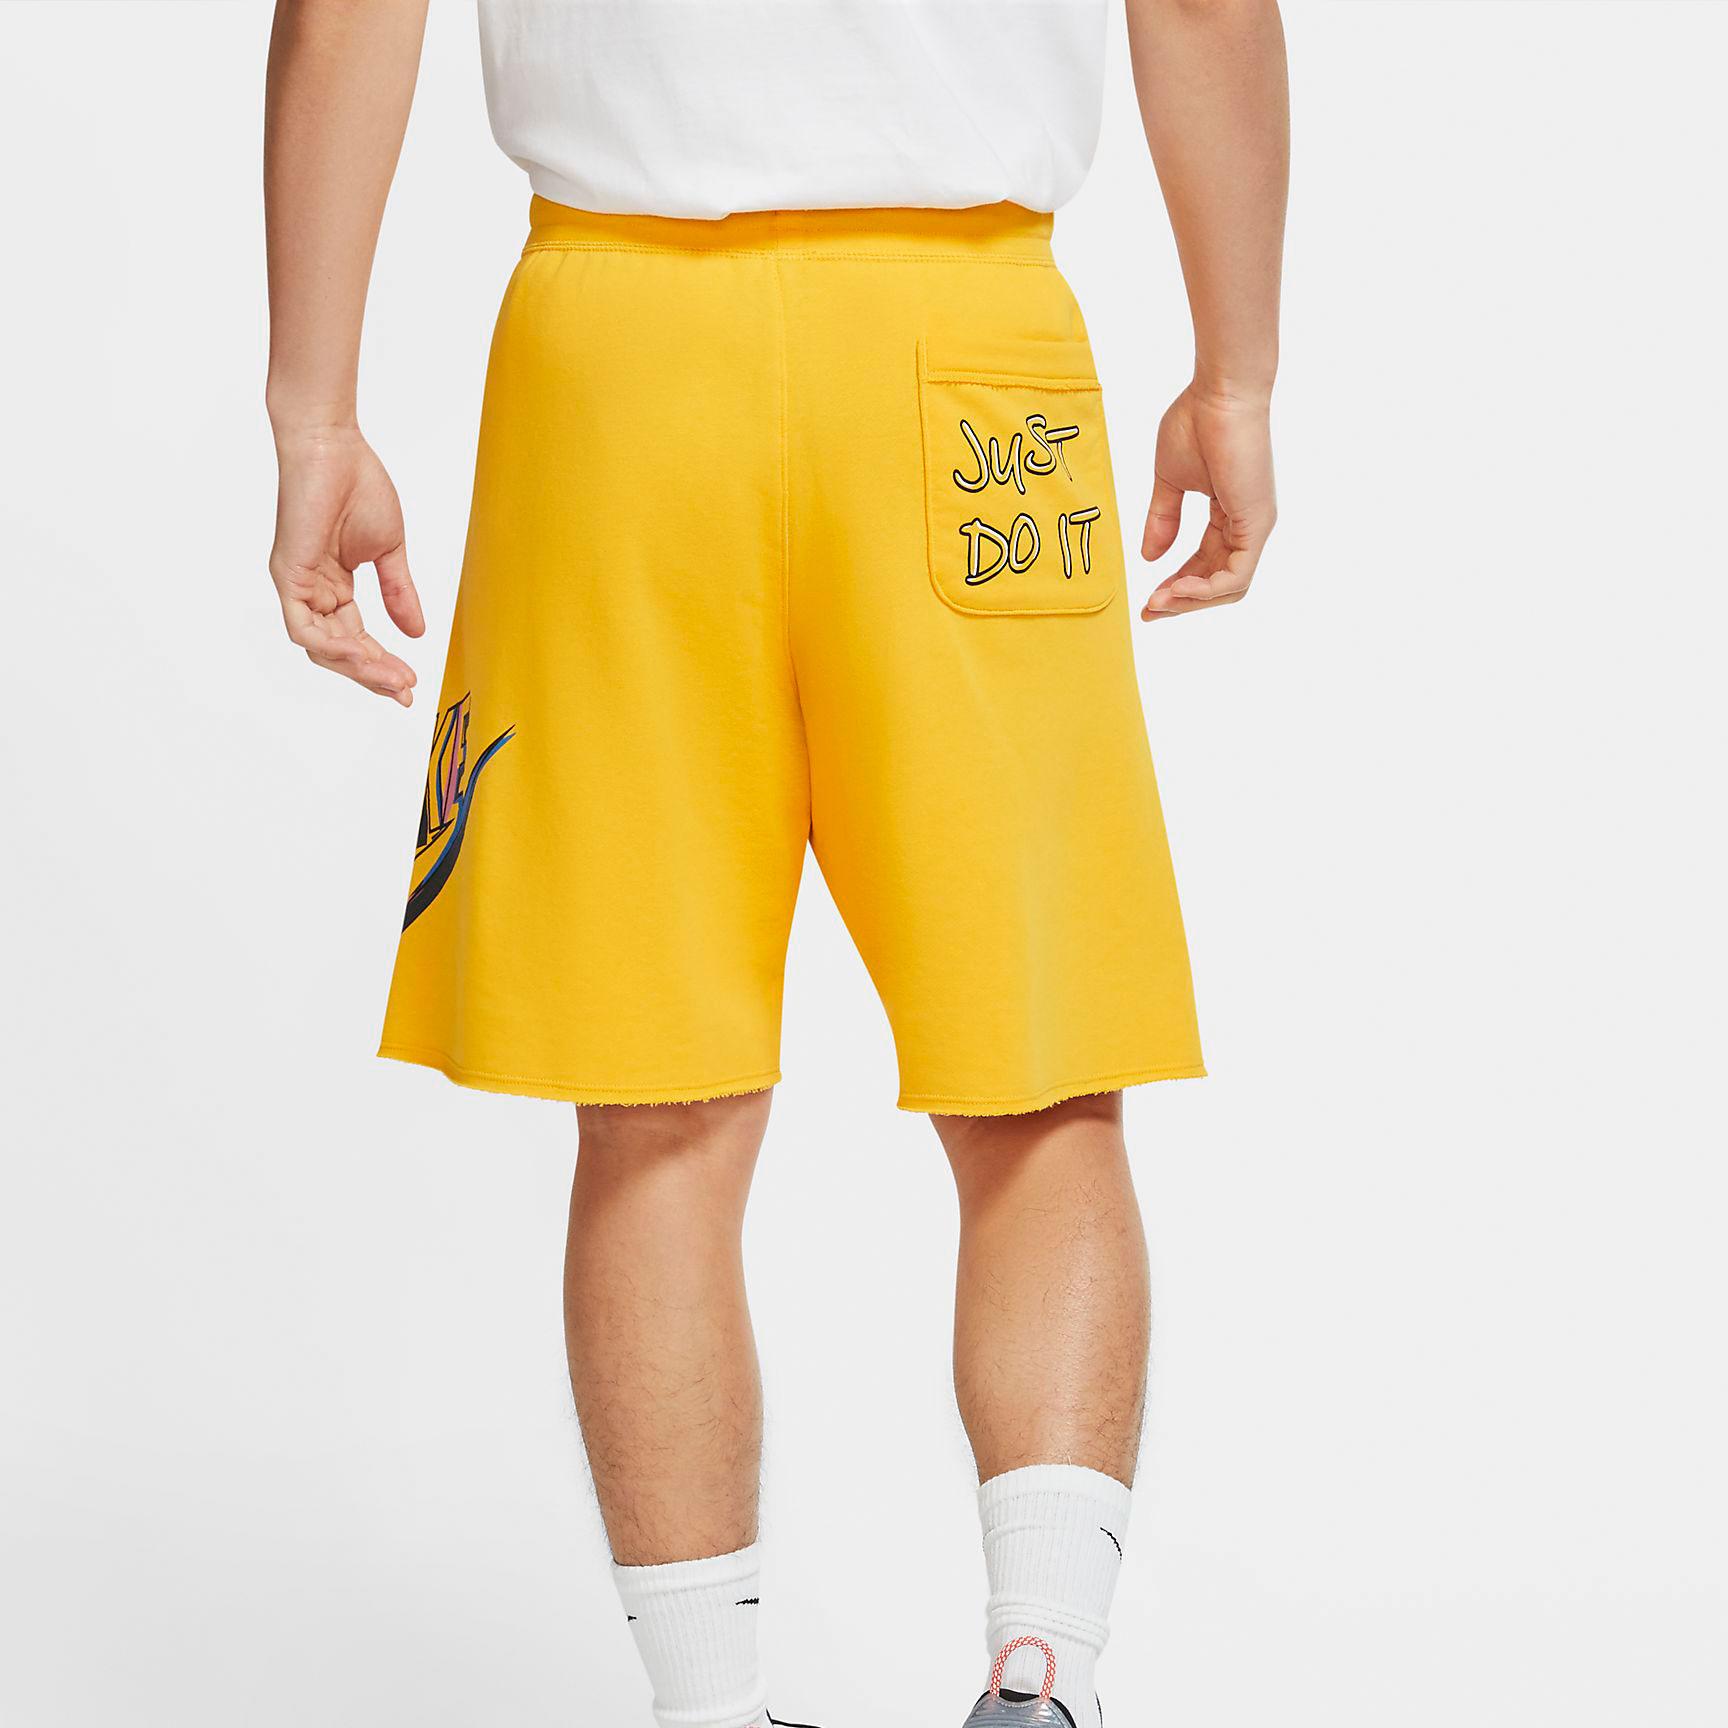 air-jordan-12-university-gold-nike-shorts-2